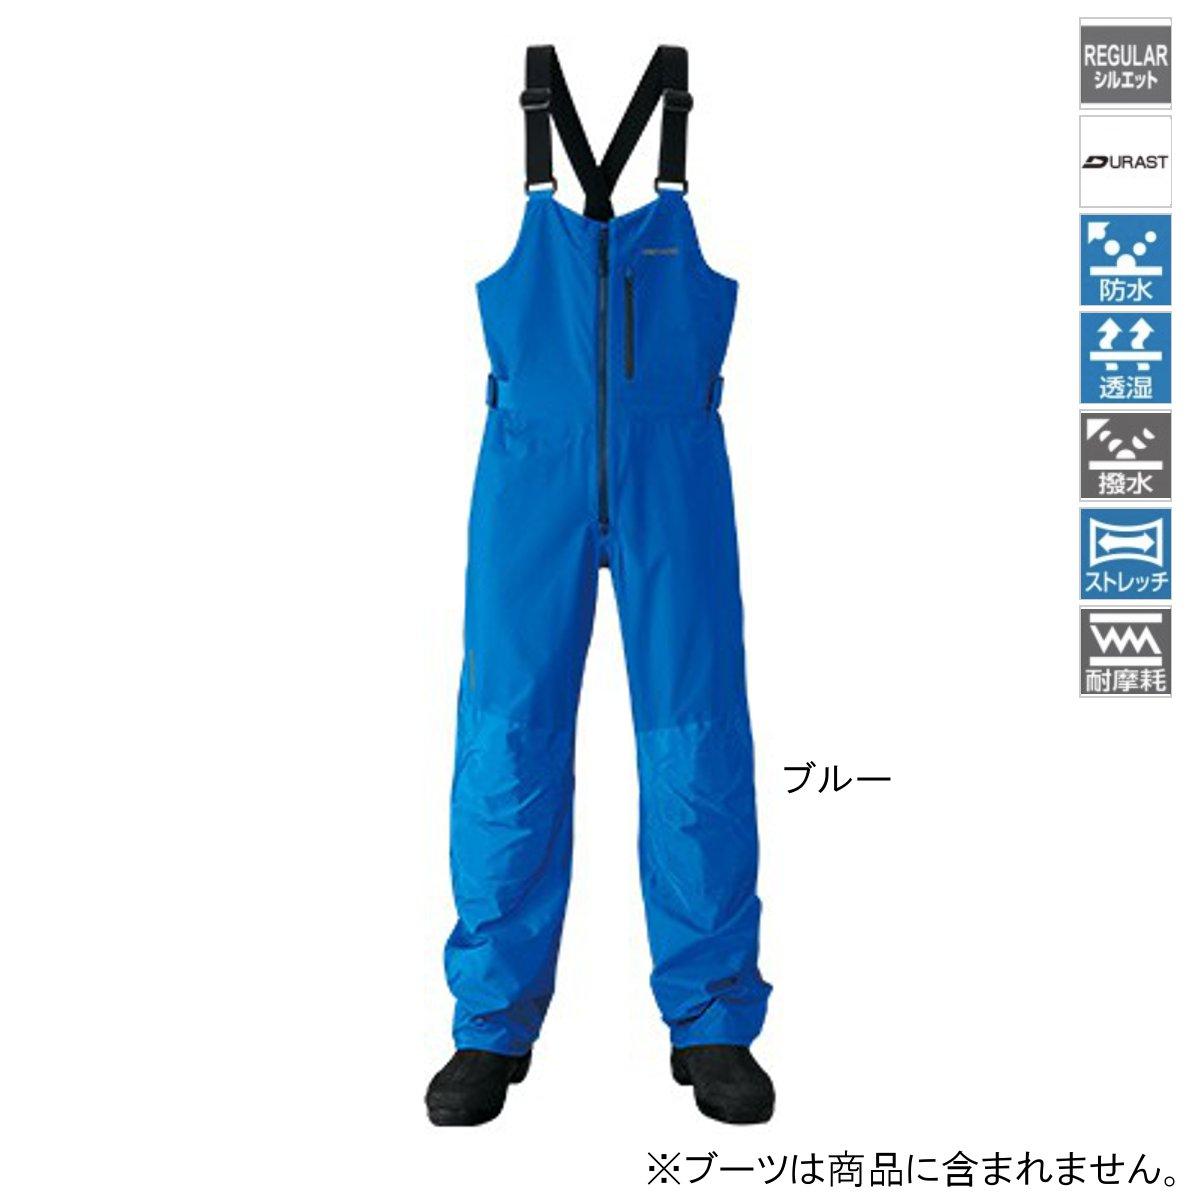 シマノ XEFO・DURASTレインビブ RA-26PS 2XL ブルー